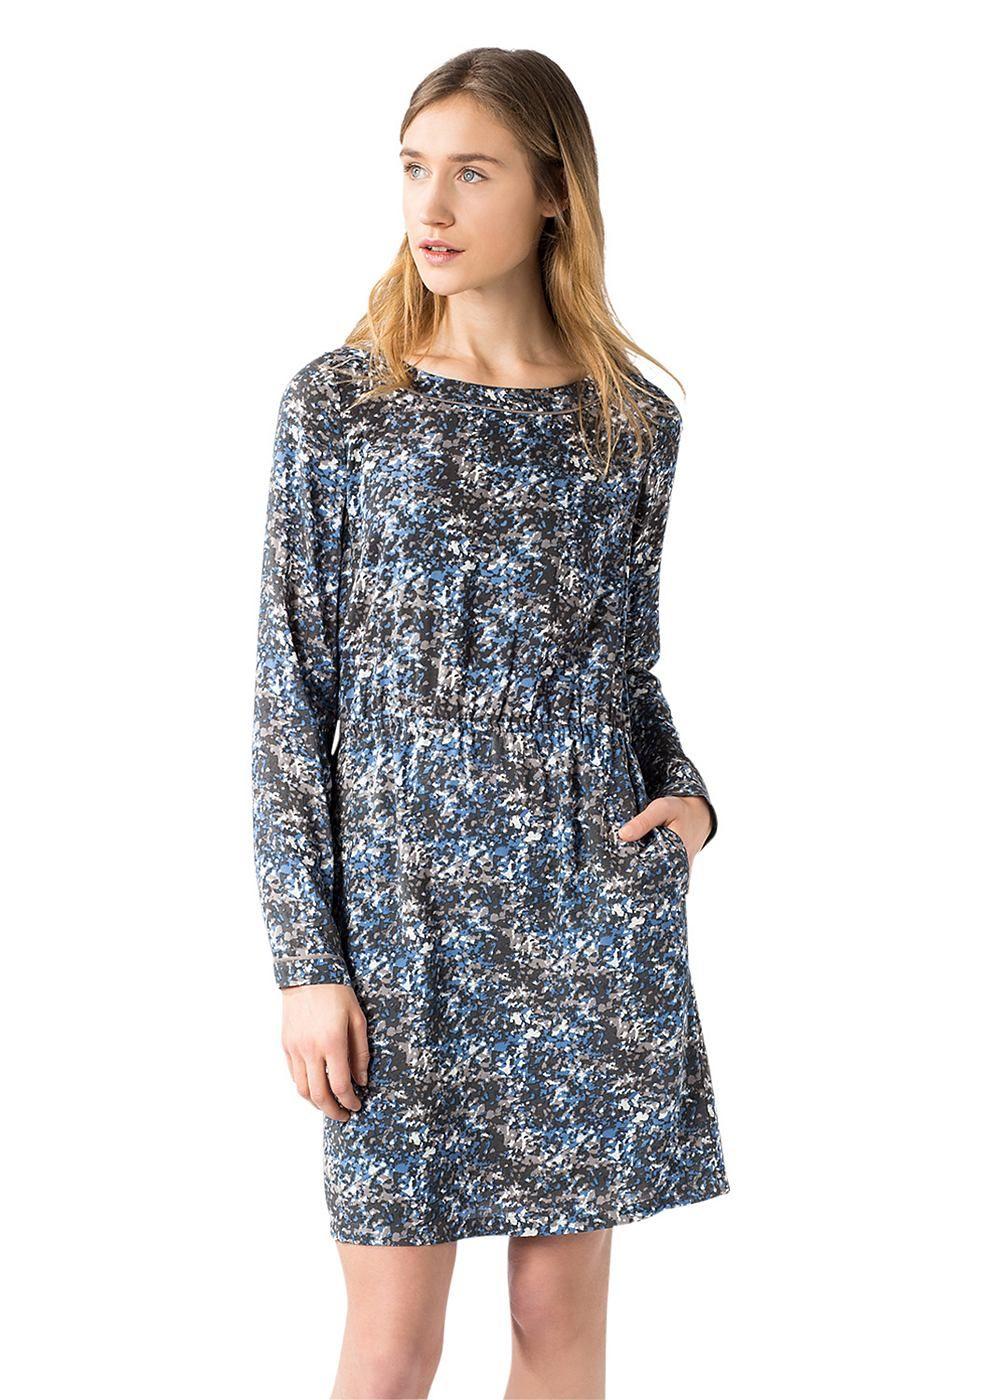 Im designstarken All Over-Print kreiertes Sommer-Kleid aus hochwertiger 100%-tiger Viskose. Das luftig-leichte Konzept weist einen schönen, fließenden Fall auf und ist durch die legere Passform mit der elastischen Taillierung ein besonderes Wohlfühl-Highlight....